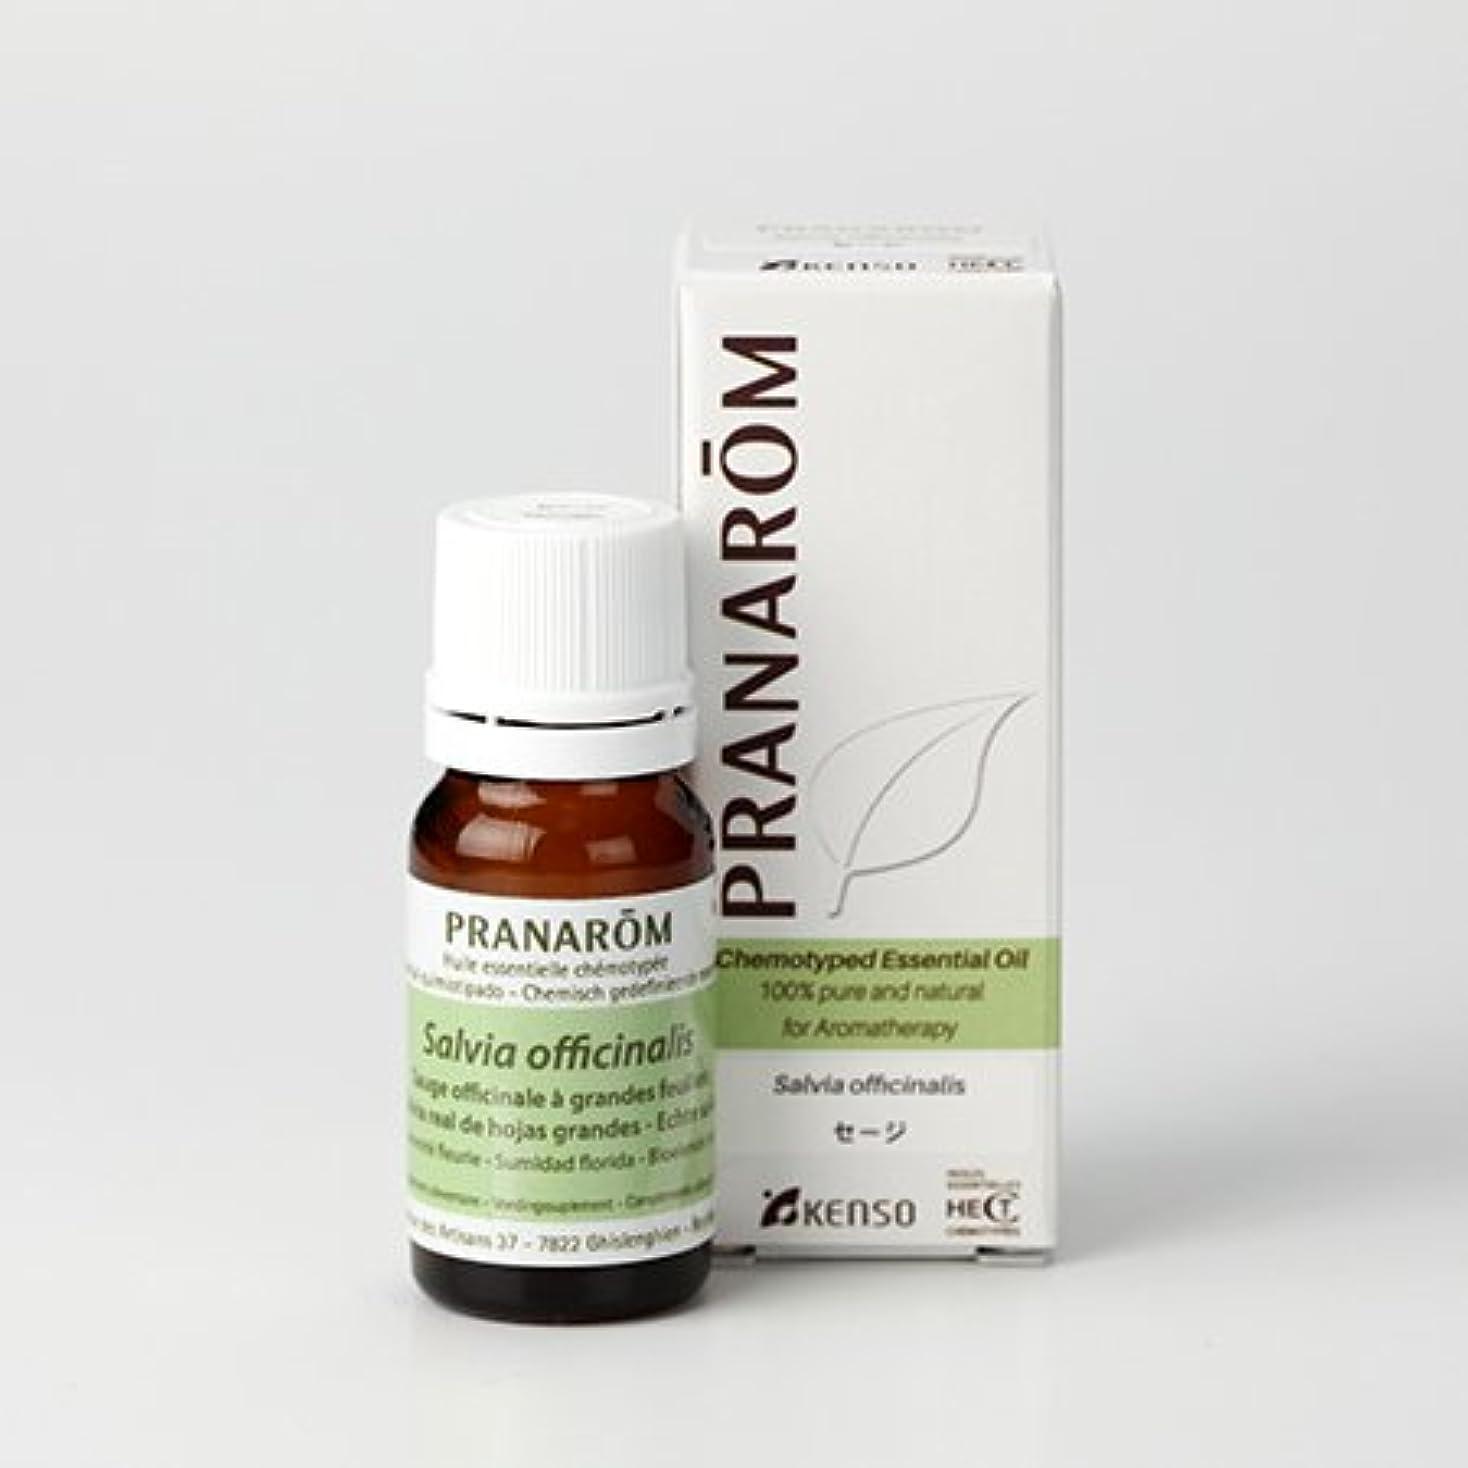 ぴったりポスター慢【セージ 10ml】→樟脳のようなハッキリとした香り?(リフレッシュハーブ系)[PRANAROM(プラナロム)精油/アロマオイル/エッセンシャルオイル]P-164